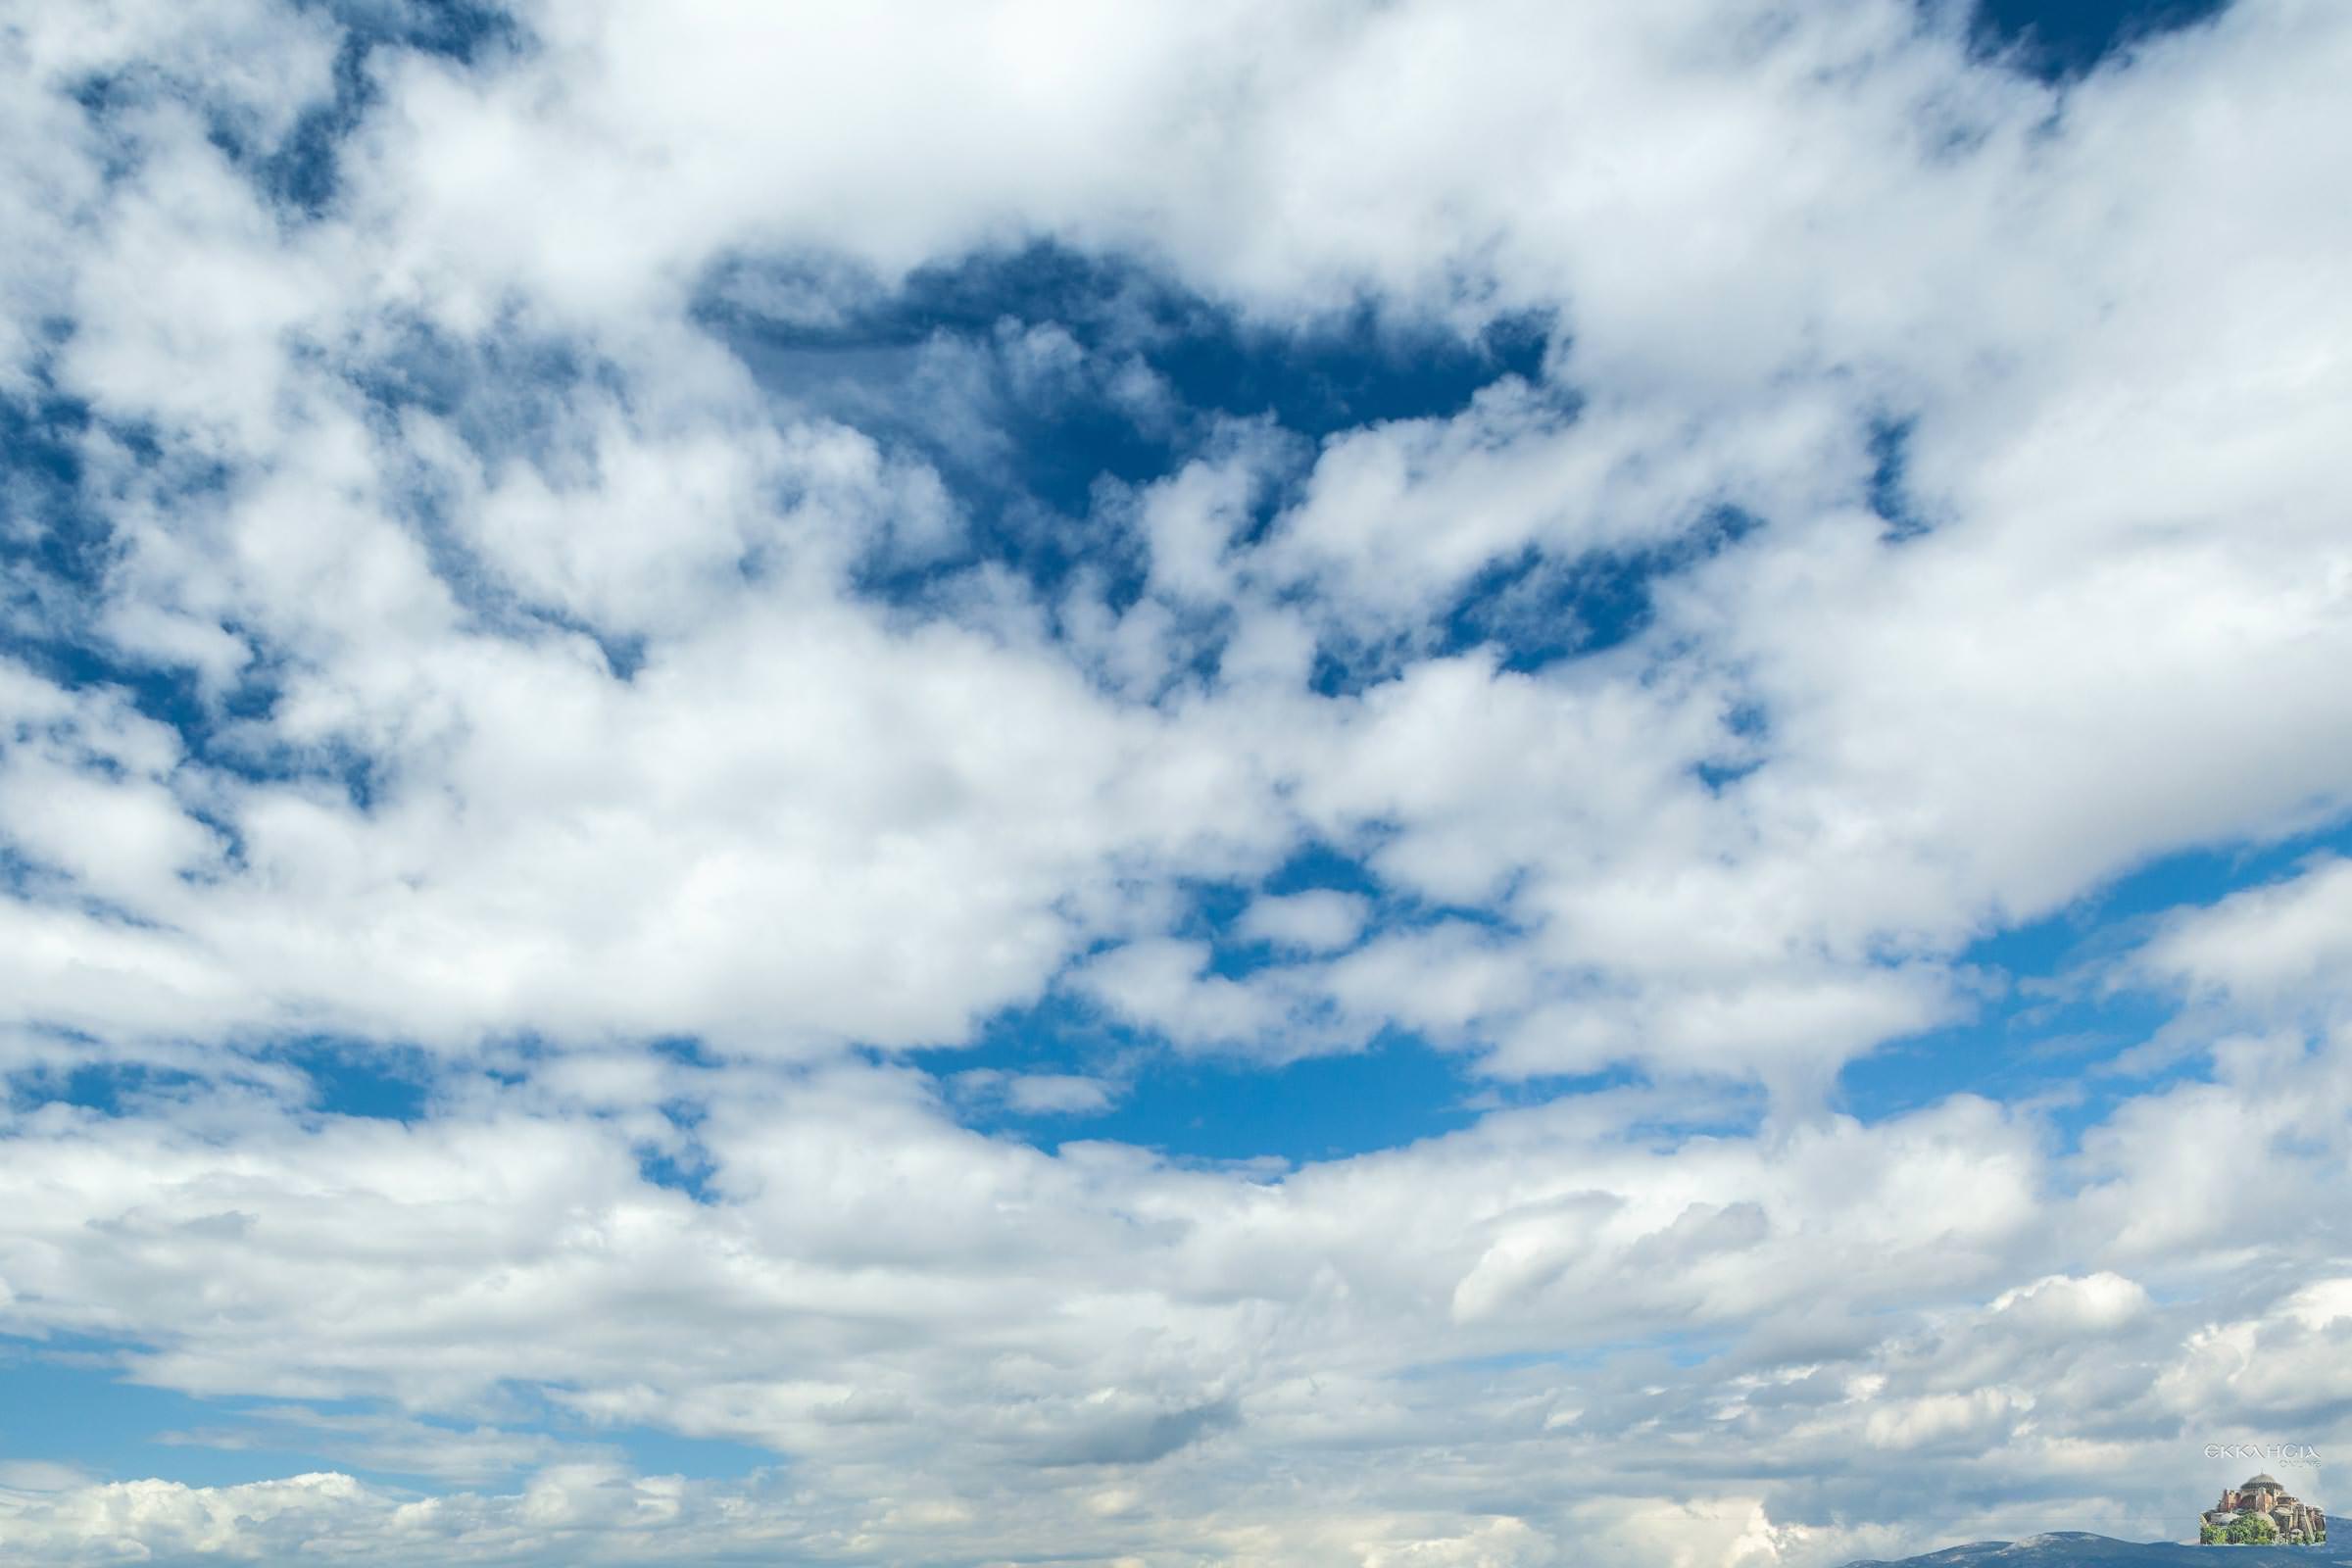 καιρός σύννεφα αιθριος